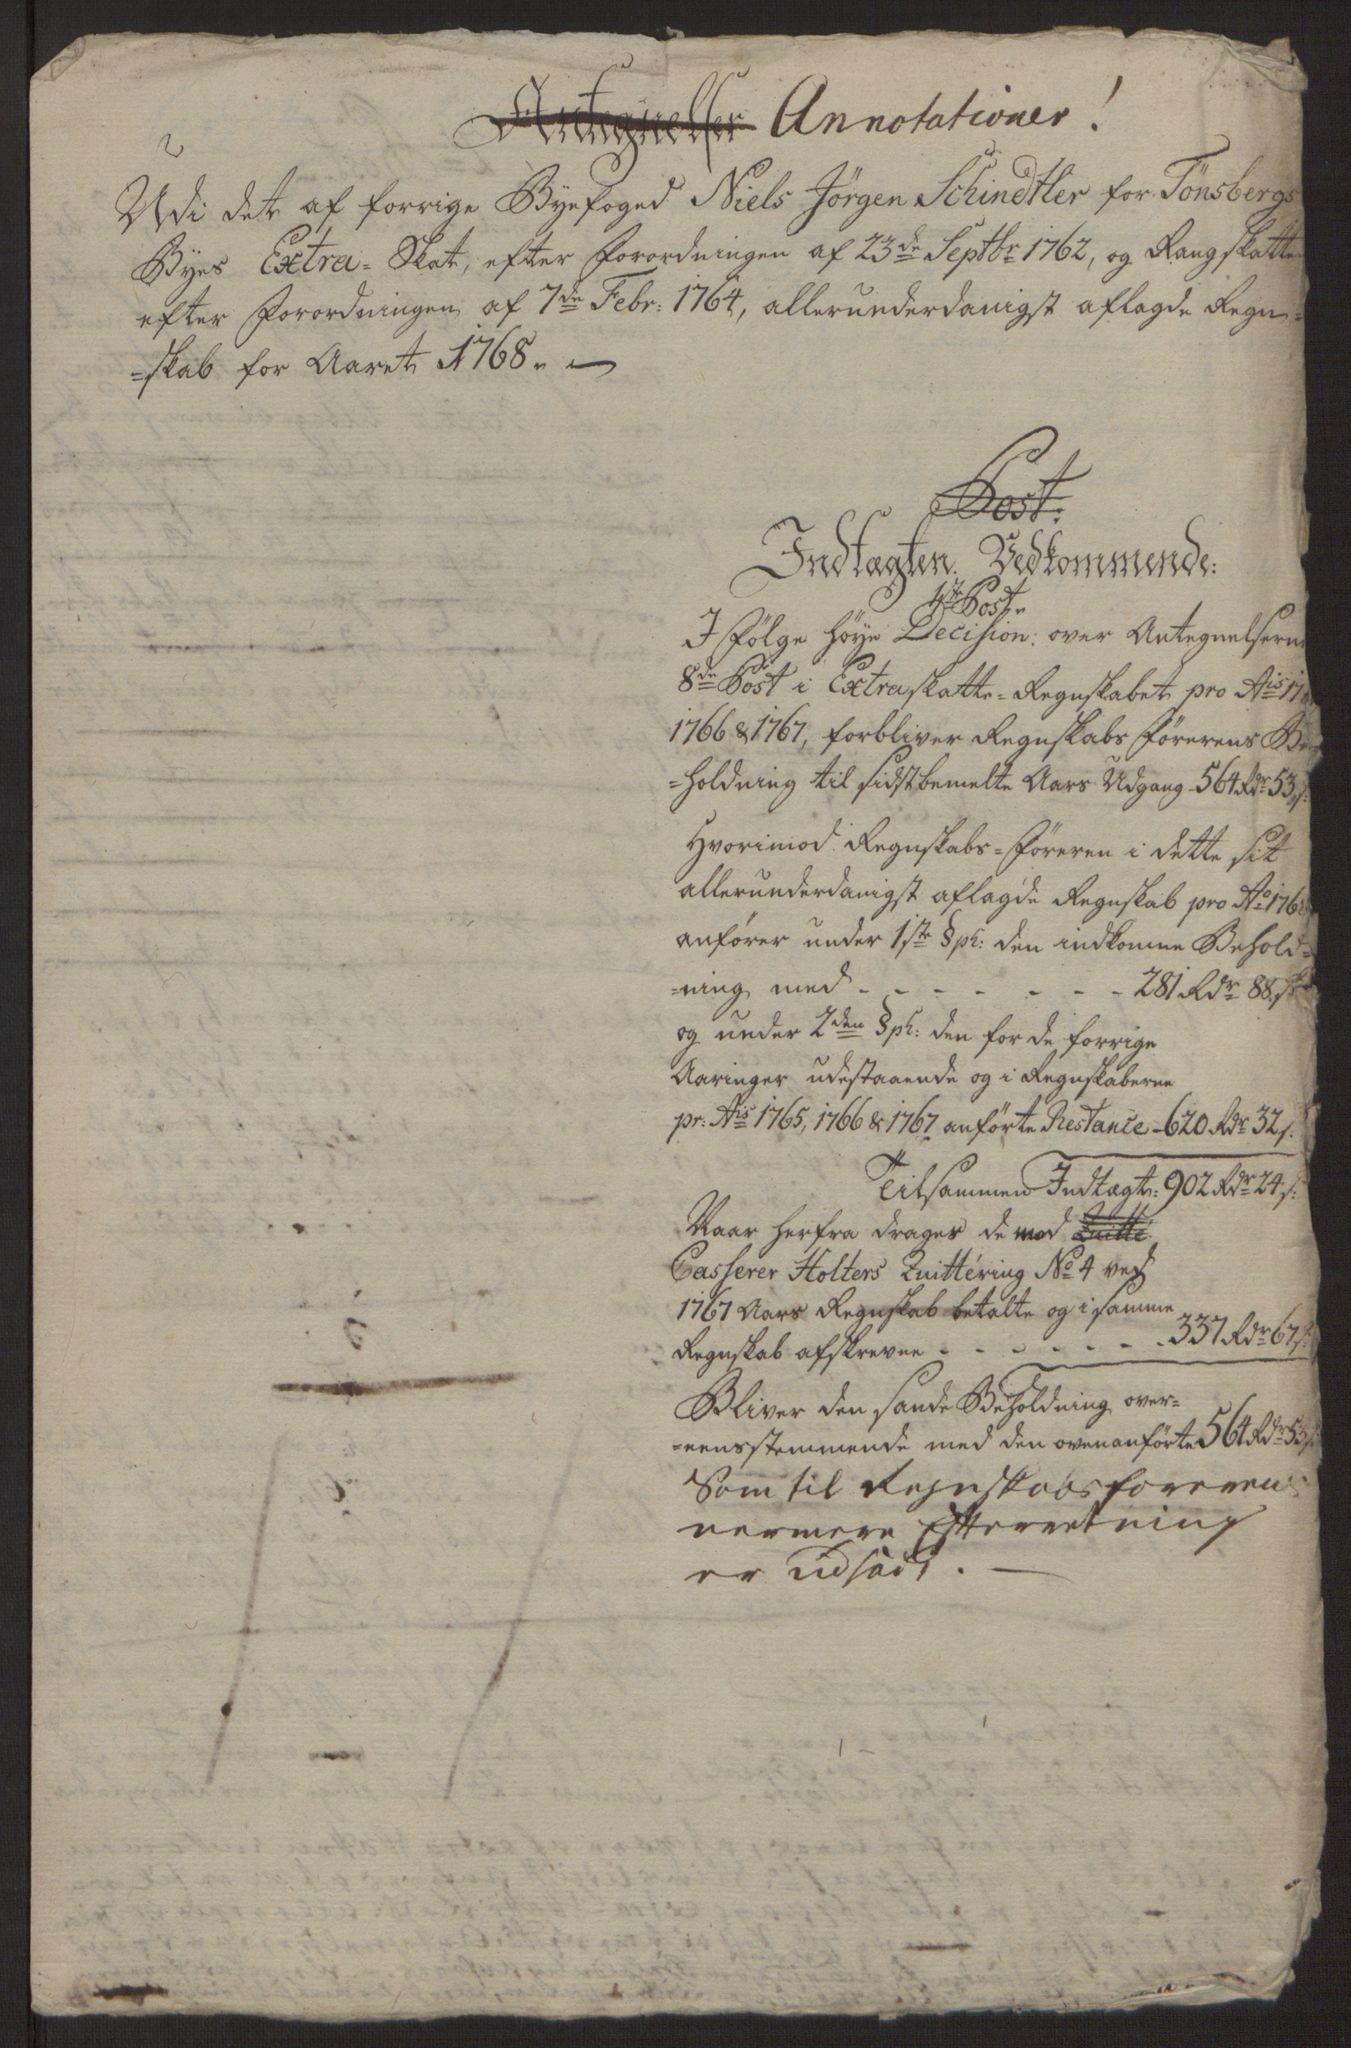 RA, Rentekammeret inntil 1814, Reviderte regnskaper, Byregnskaper, R/Rh/L0162: [H4] Kontribusjonsregnskap, 1762-1772, s. 346